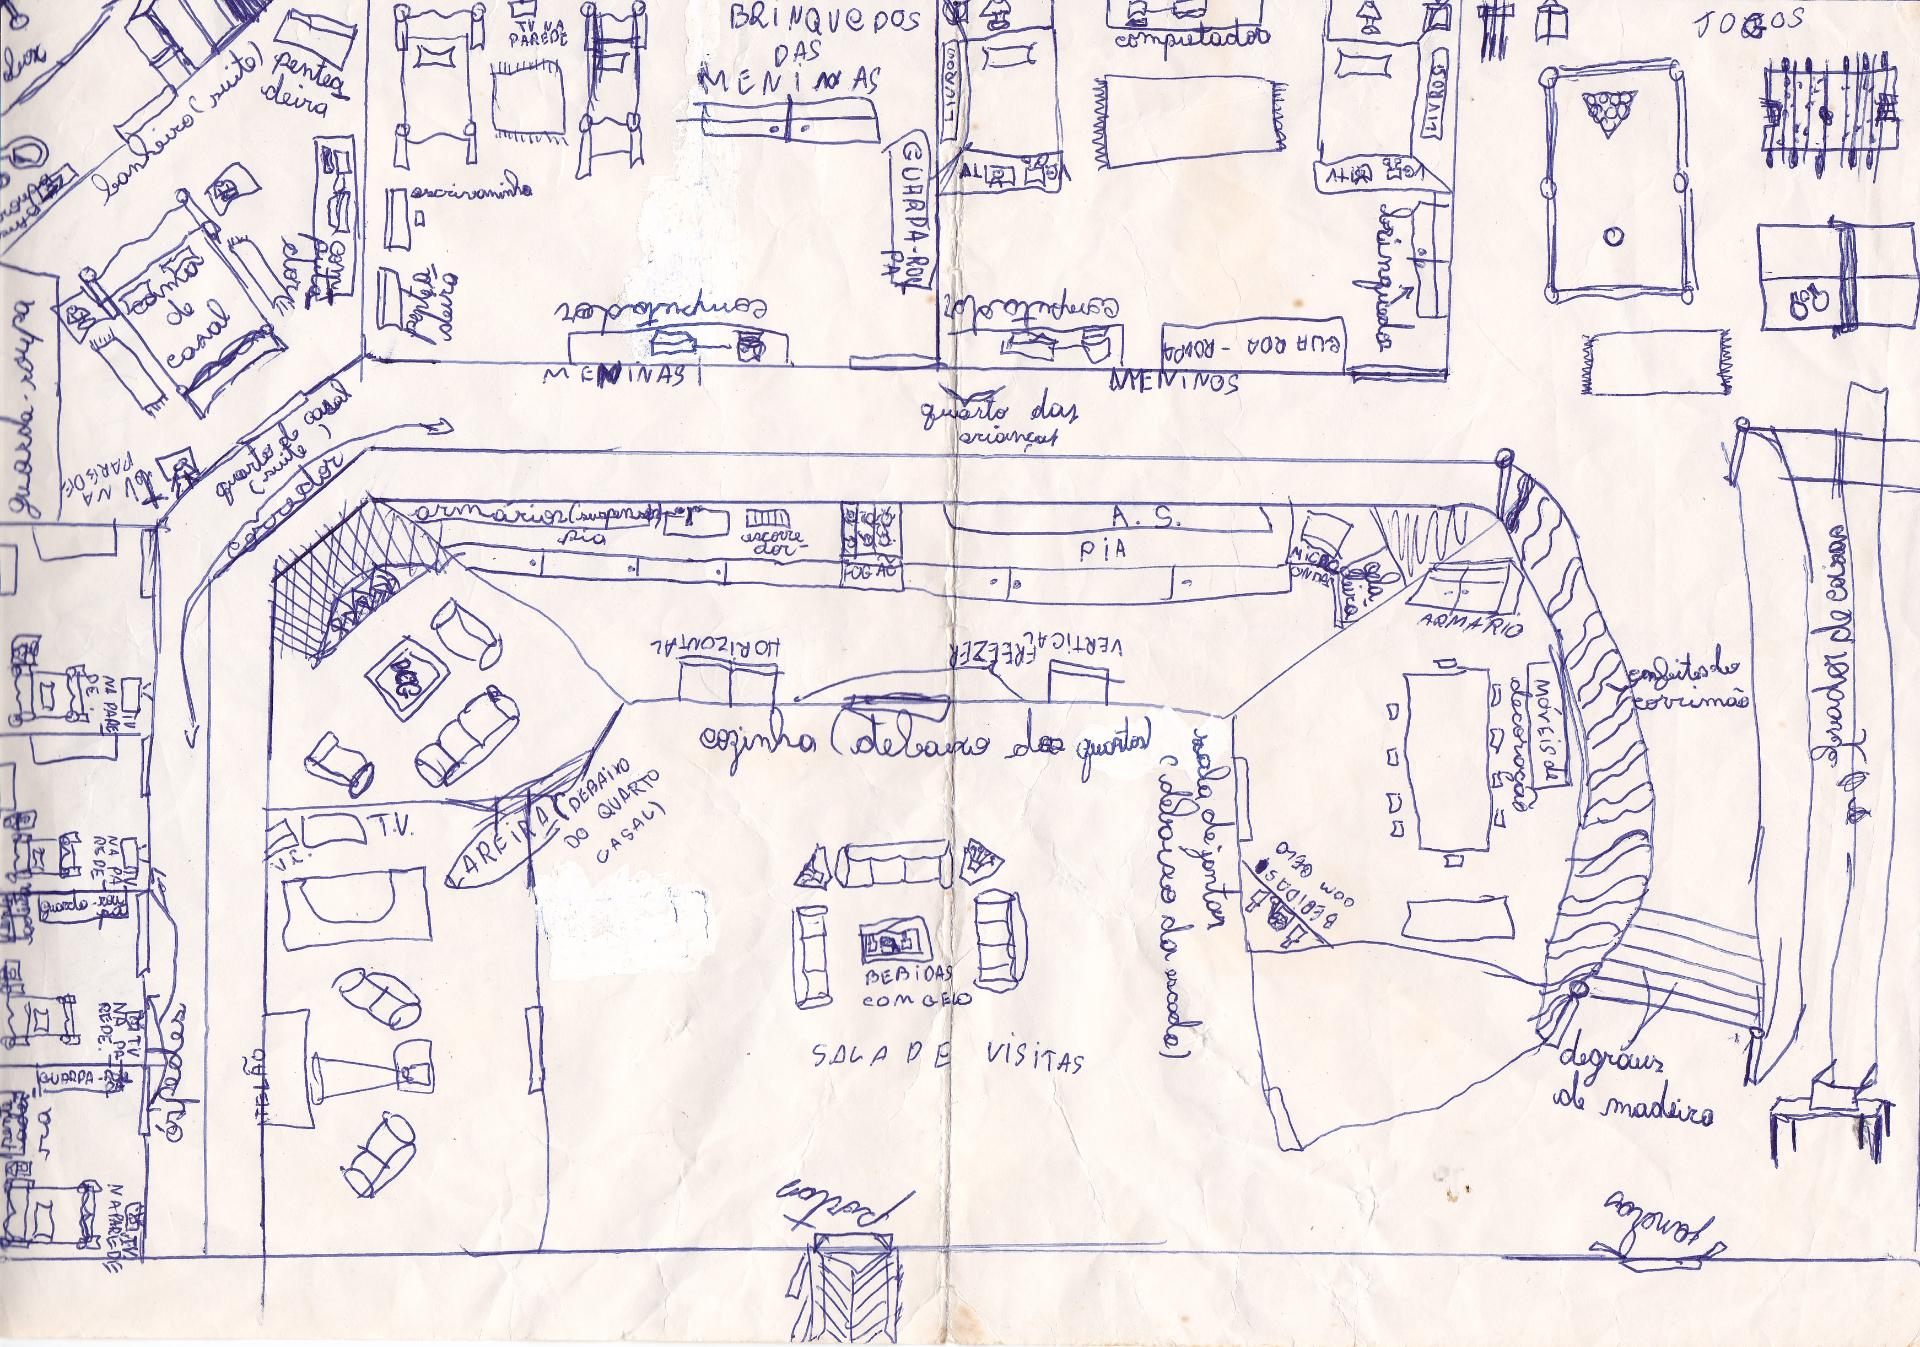 1994 - Meu primeiro projeto